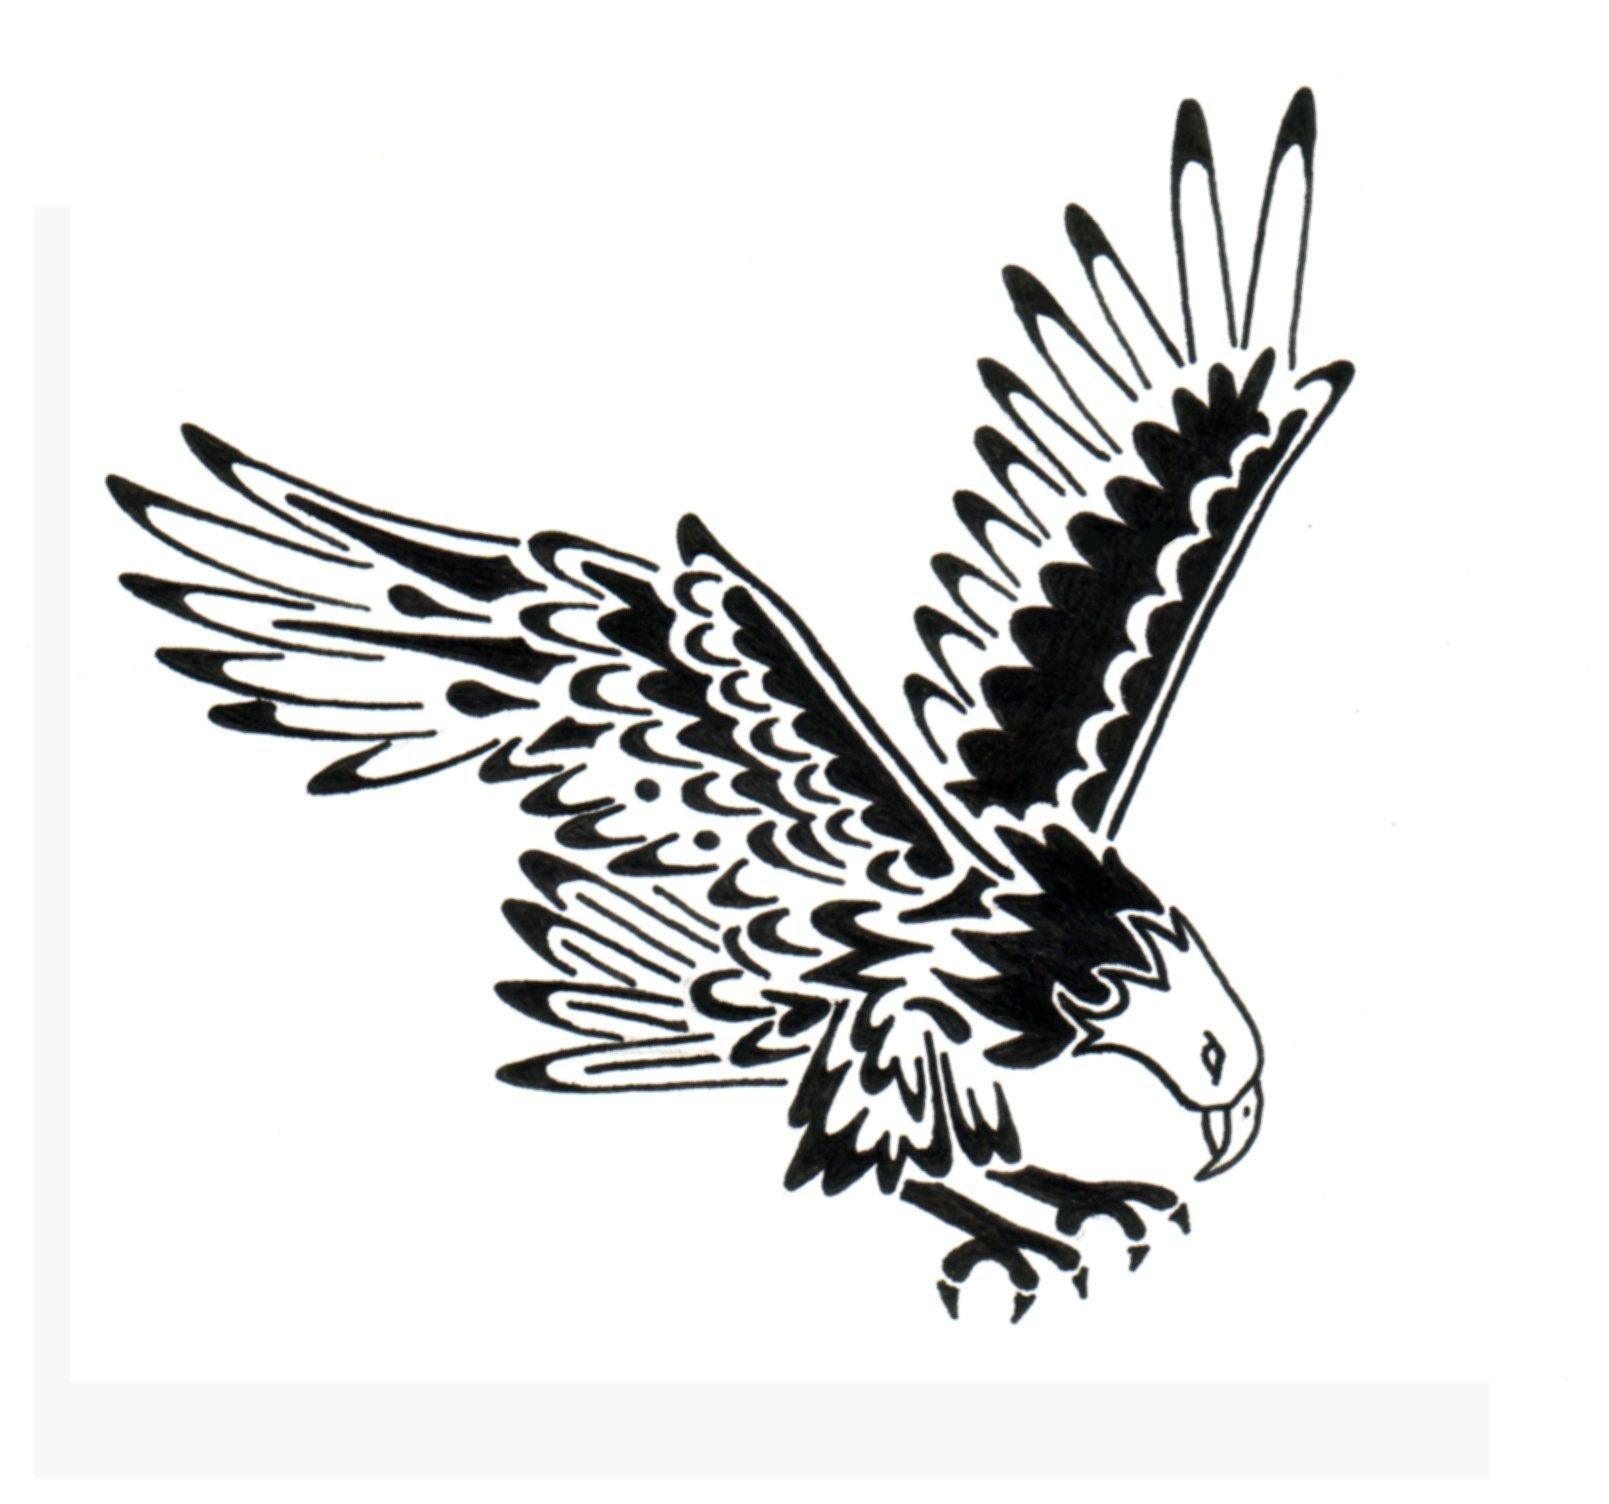 Black eagle back tattoo